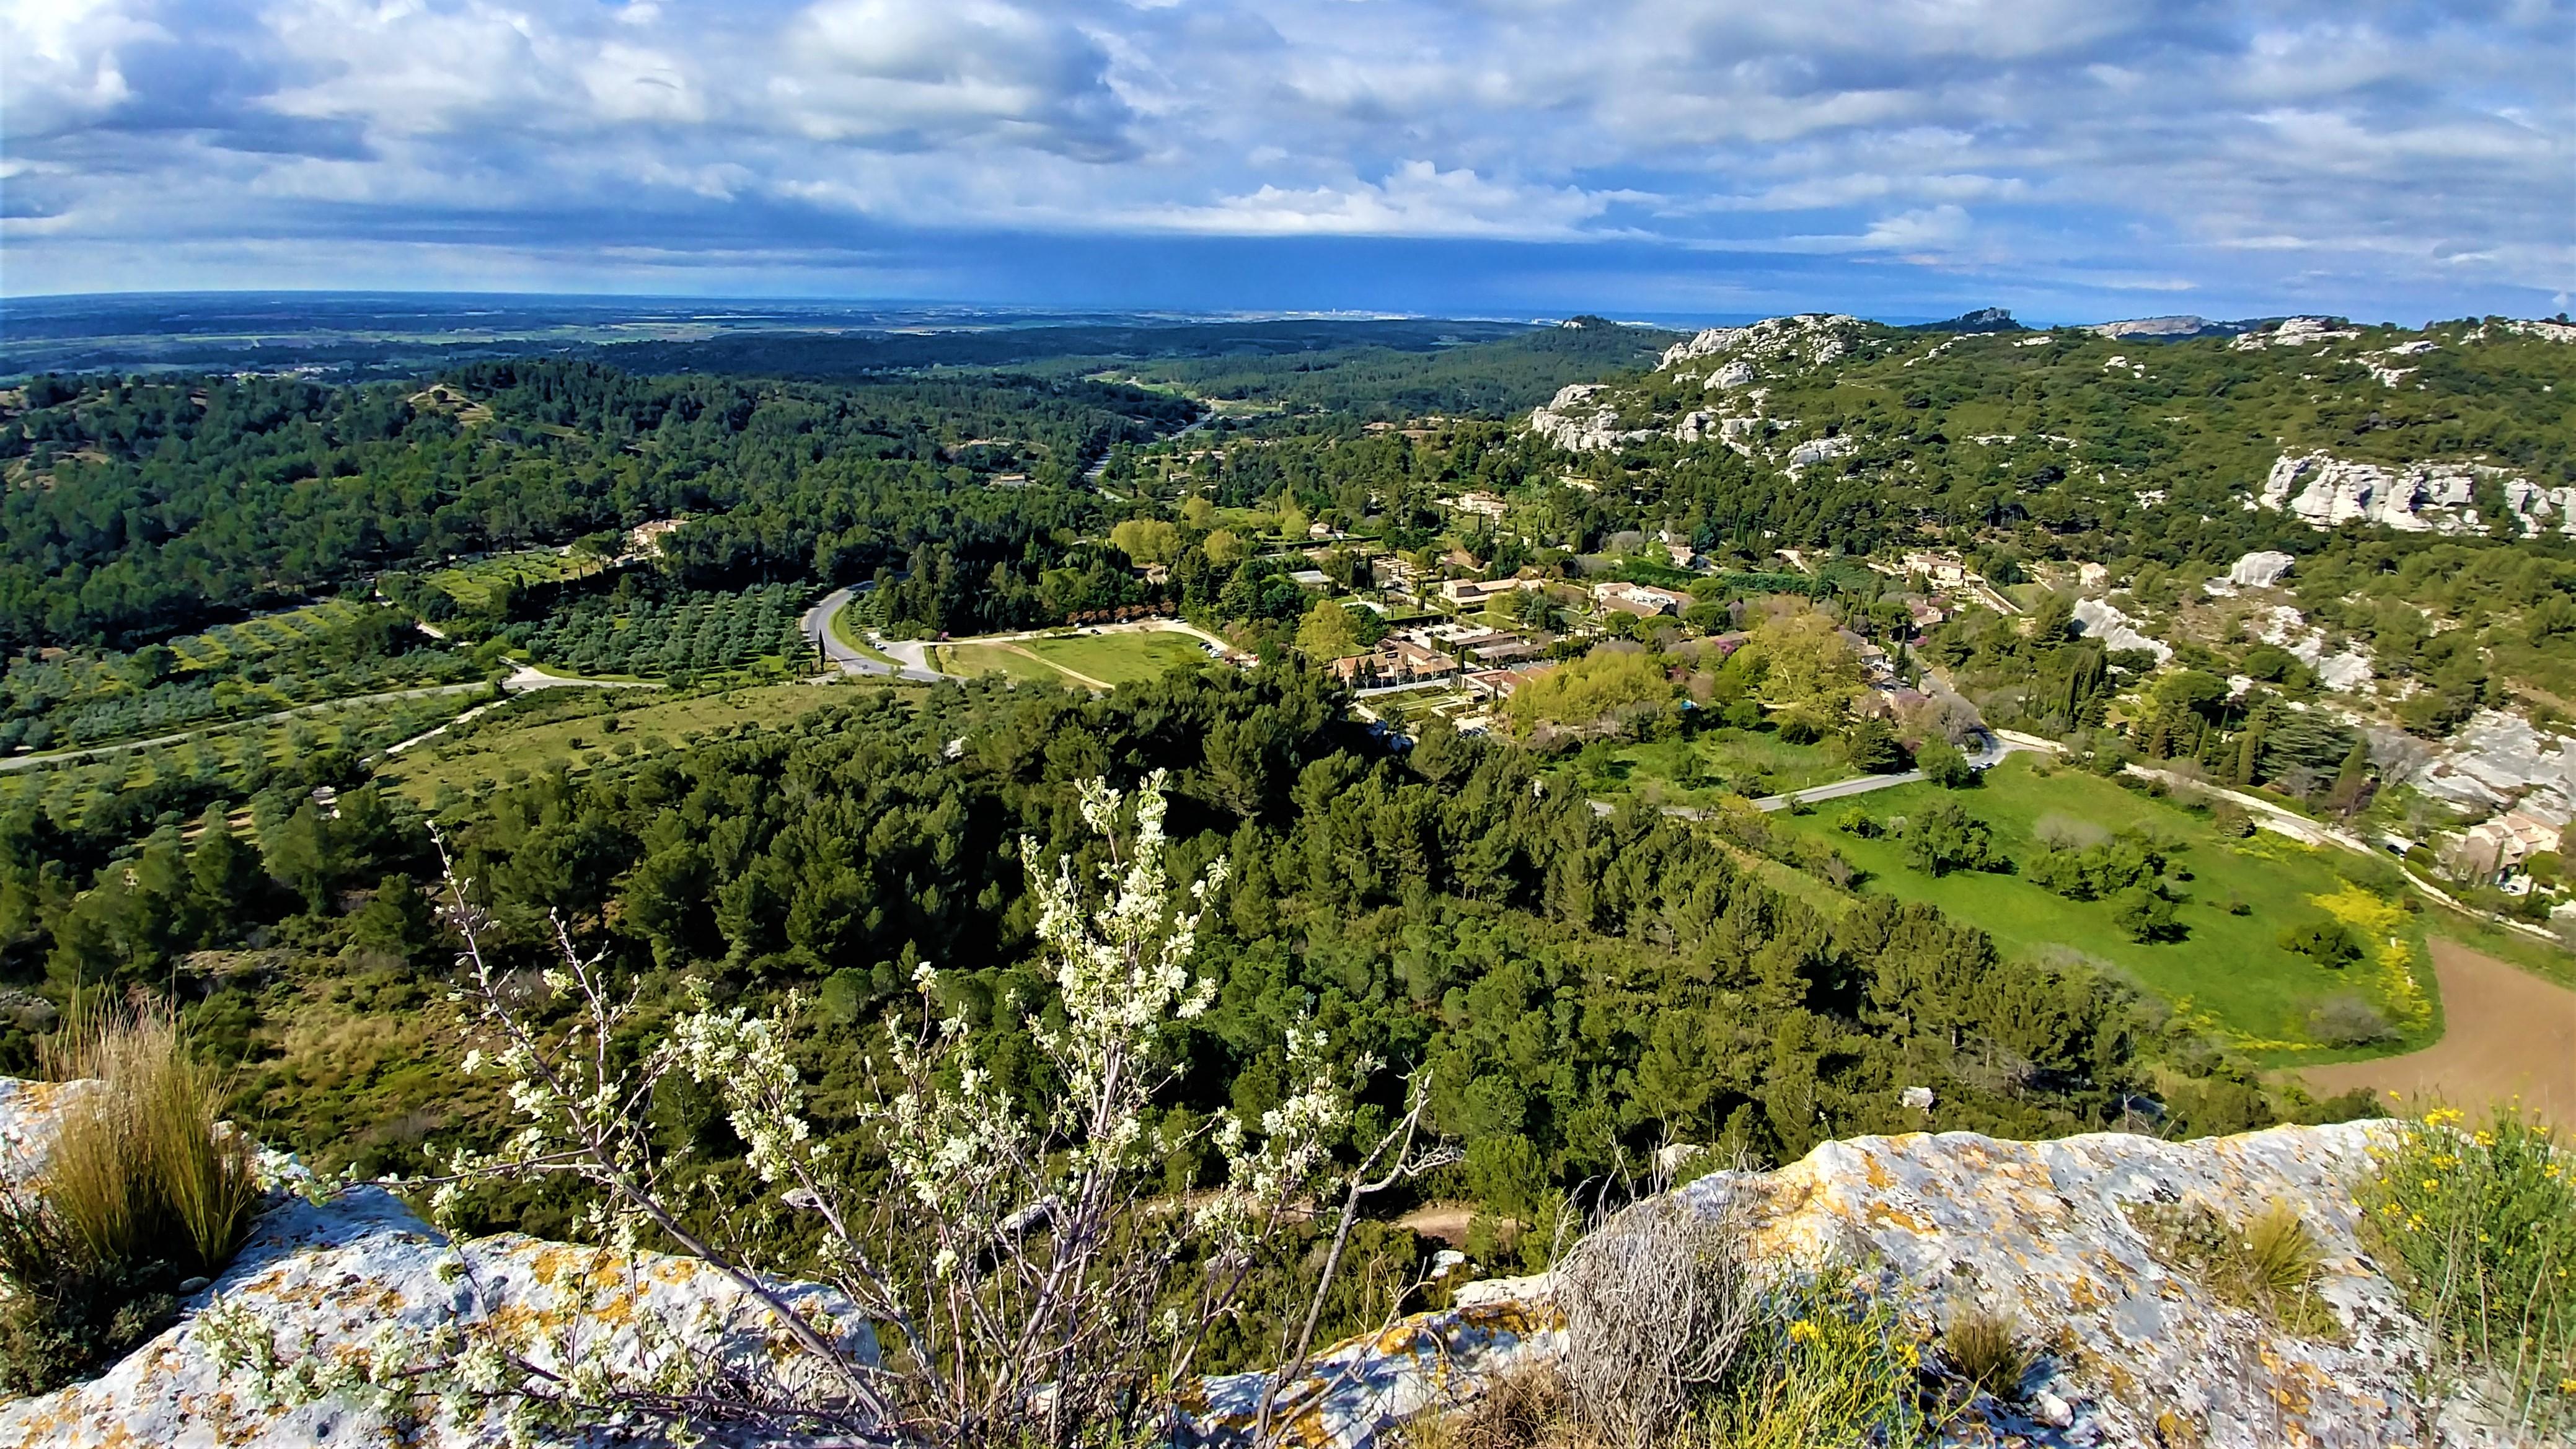 Baux de provence chateau camargue Arles escapade france arpenter le chemin